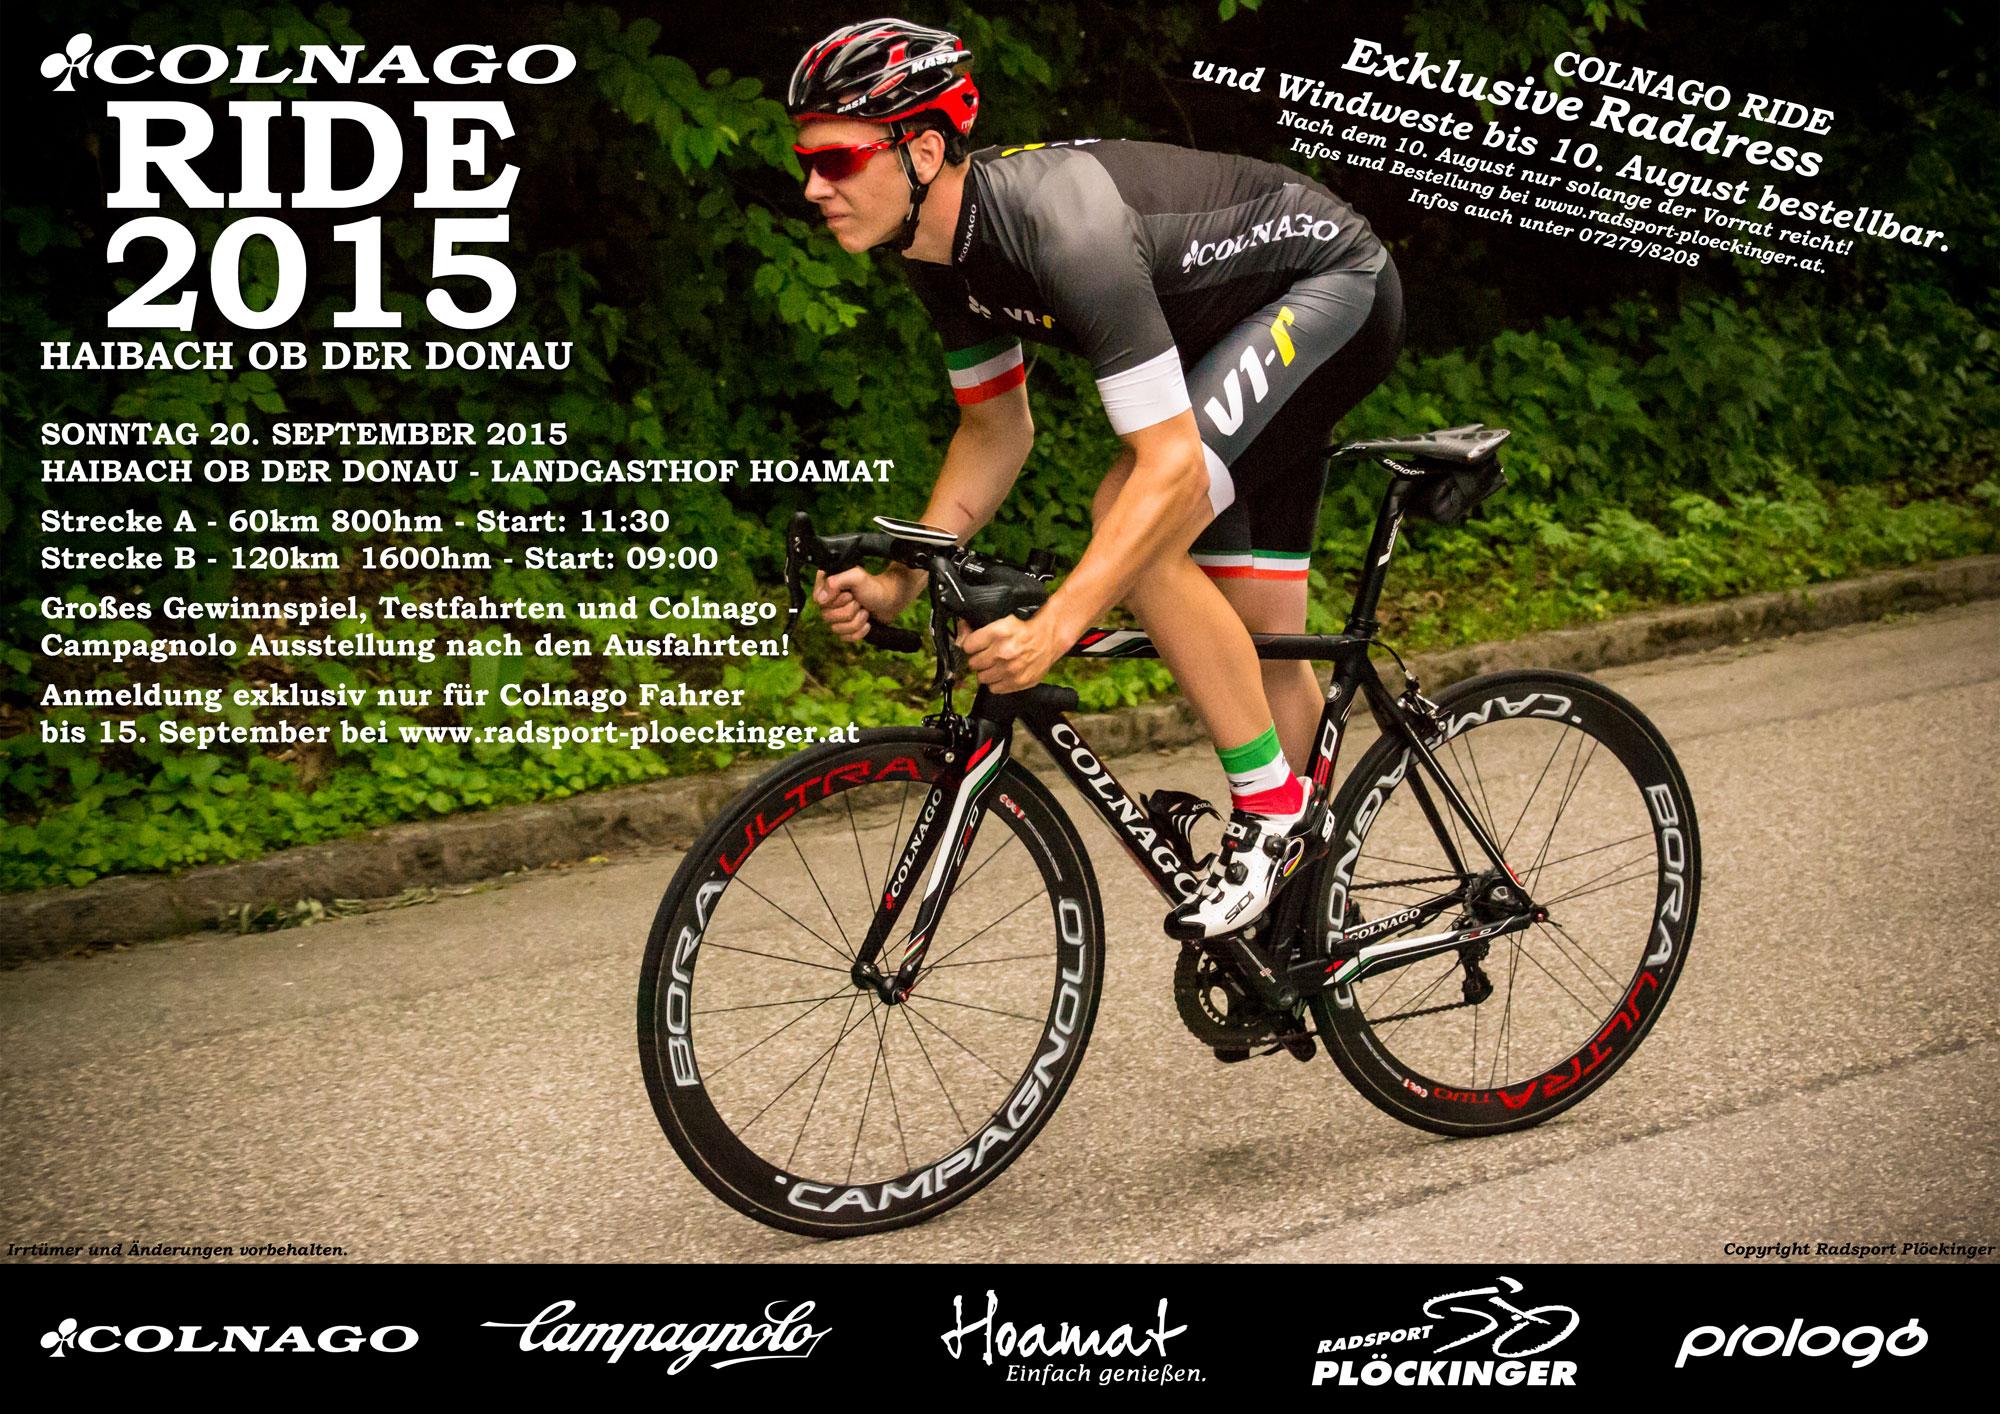 Werbung-Colnago-Ride_web